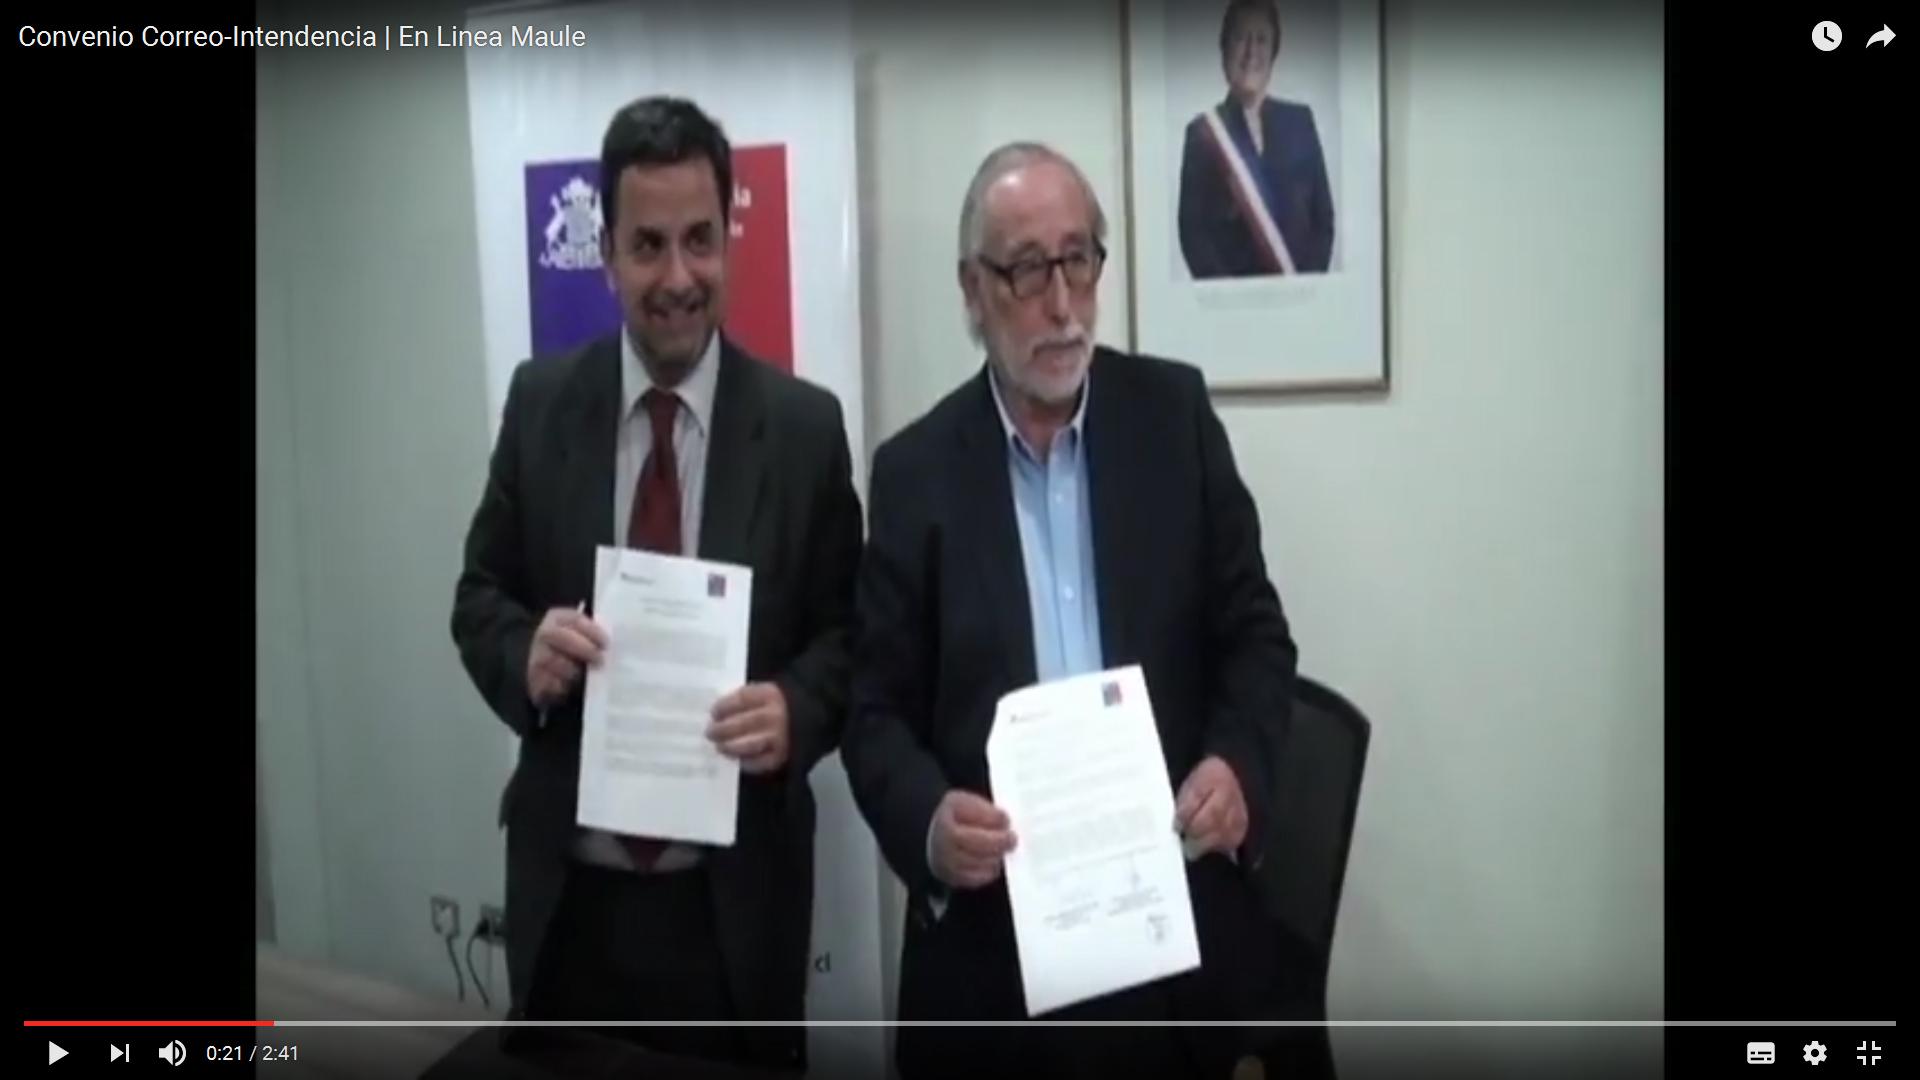 Video Convenio Entre Ministerio Del Interior Y Correos